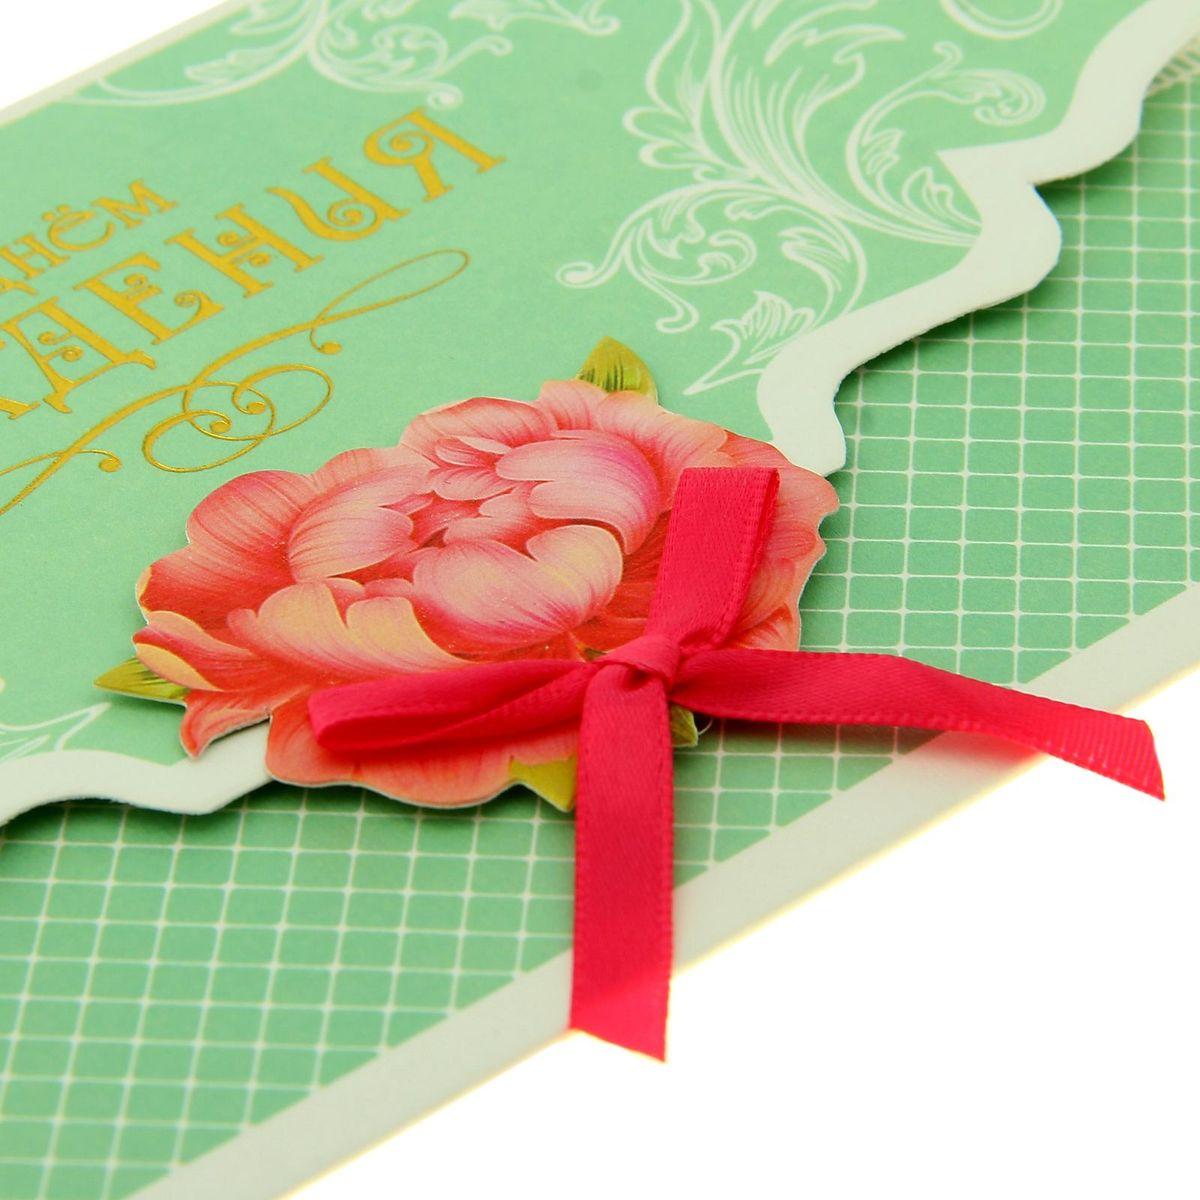 такой дизайн конверта для открытки с днем рождения предлагаем купить